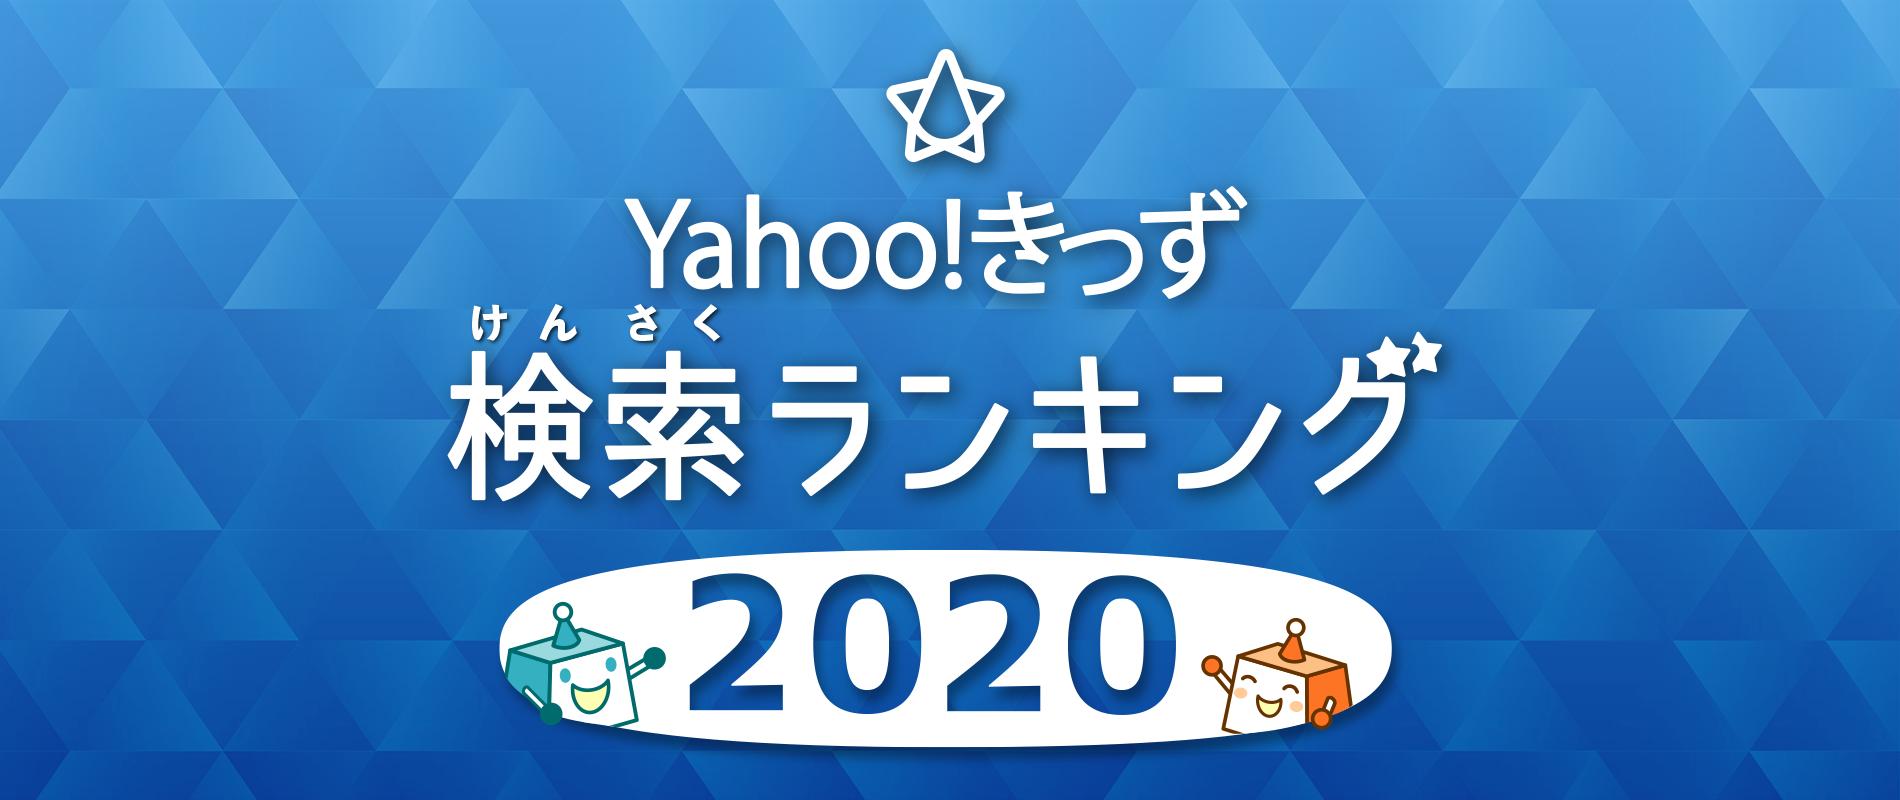 Yahoo!きっず 検索ランキング2020